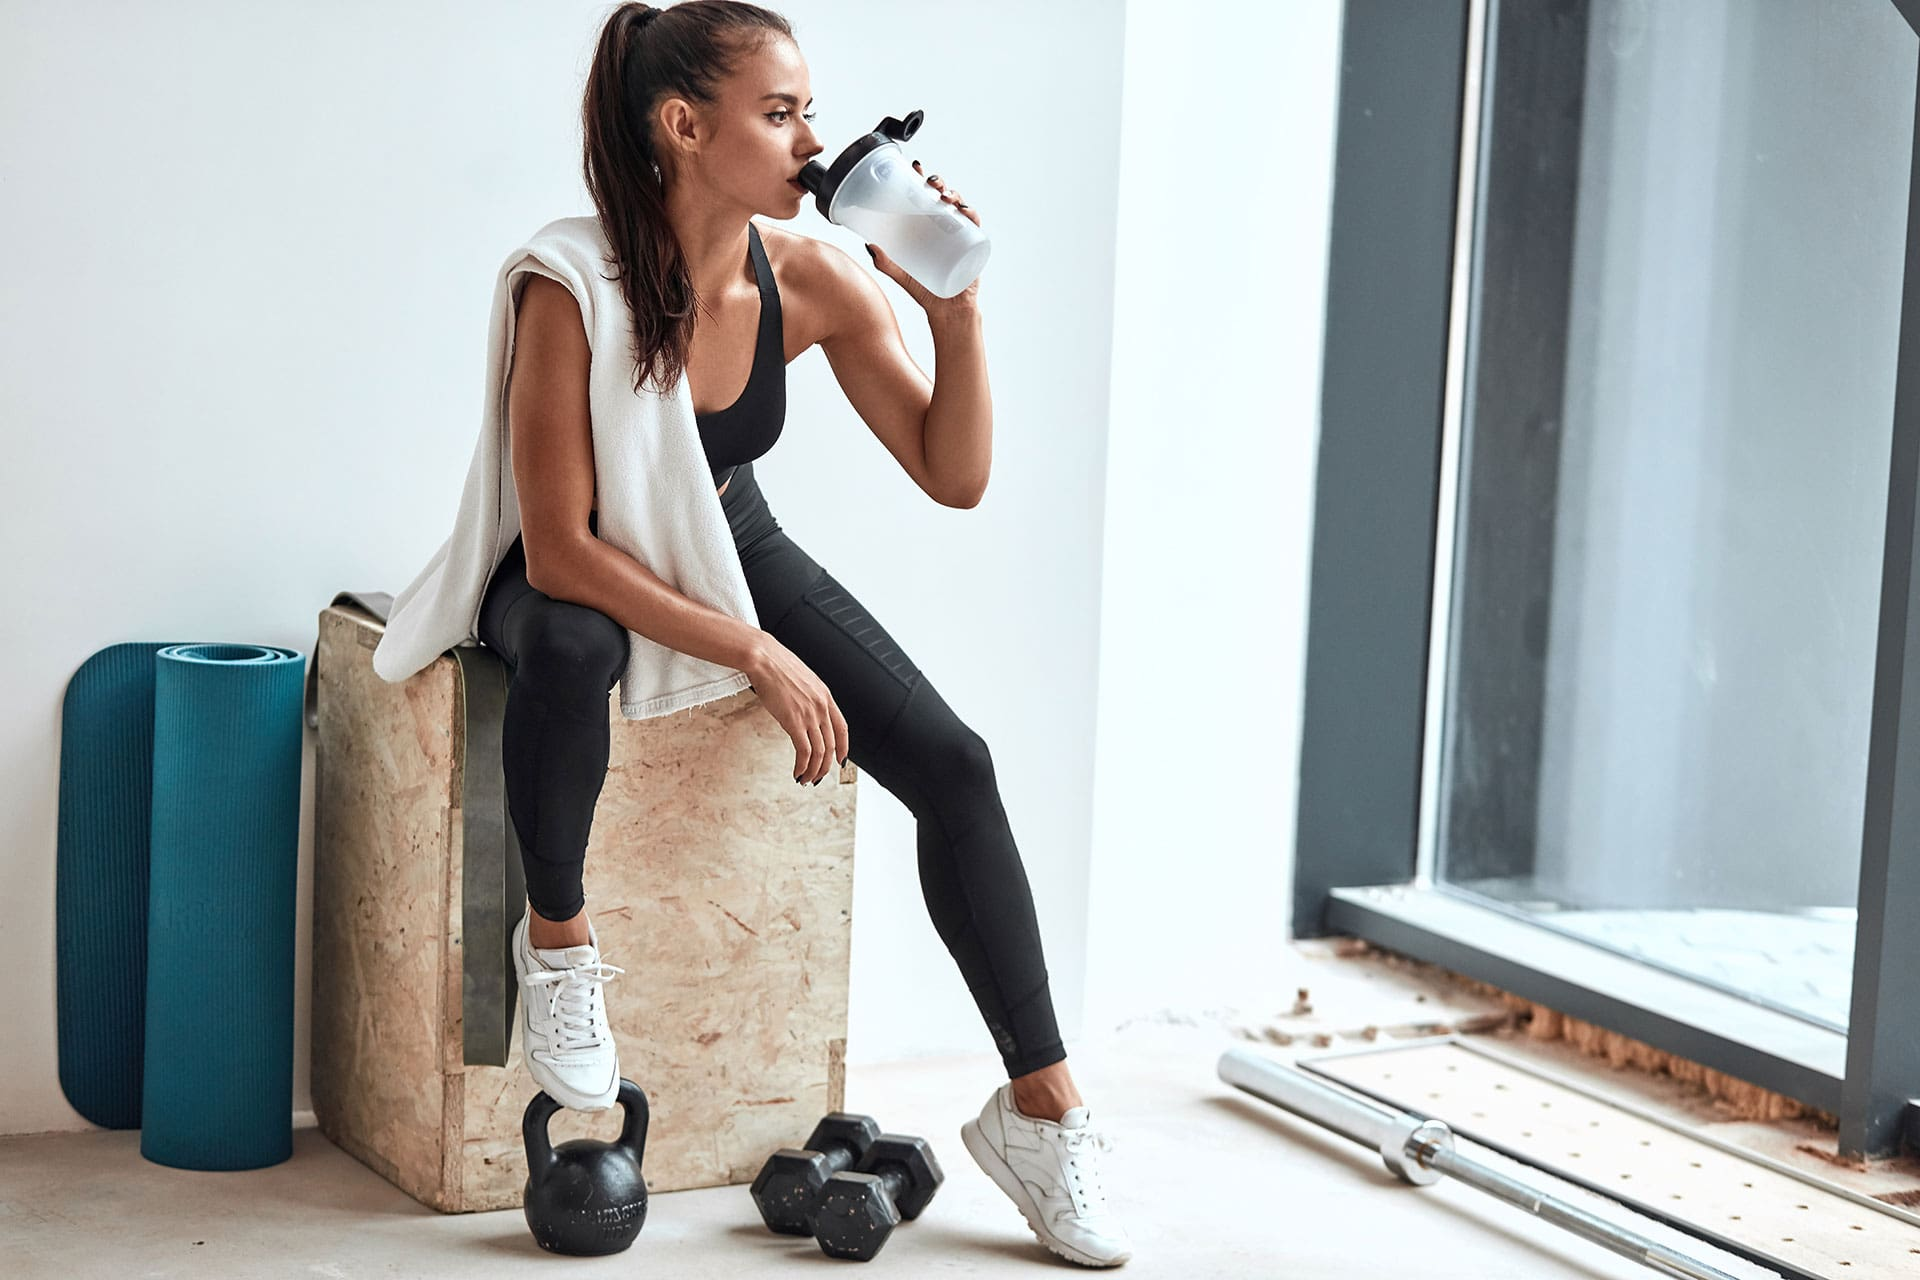 Ćwiczenia fizyczne - w zdrowym ciele zdrowy duch!